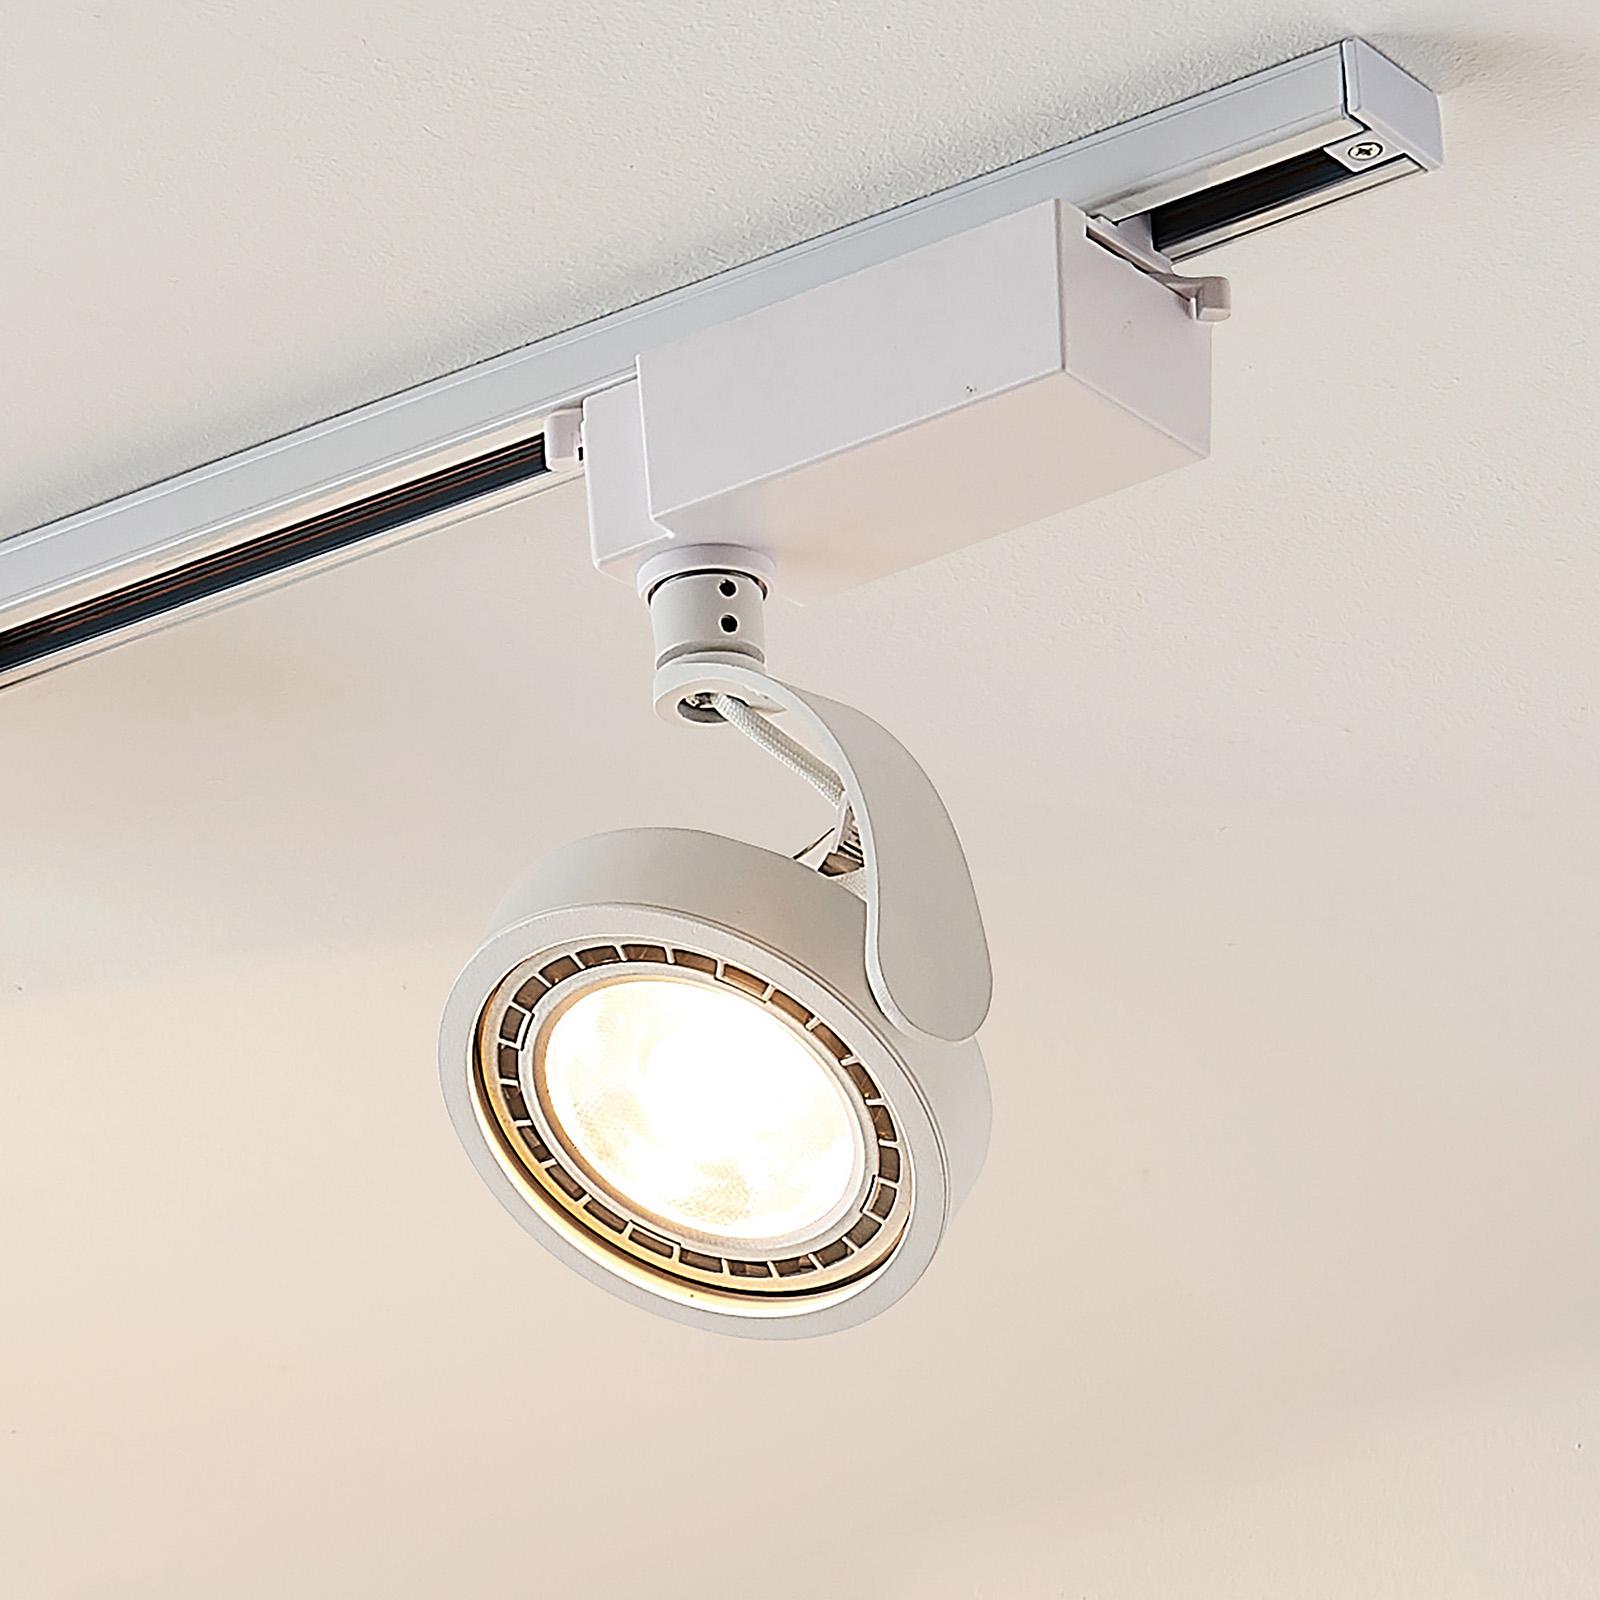 1-fase LED-spot Rick i hvit